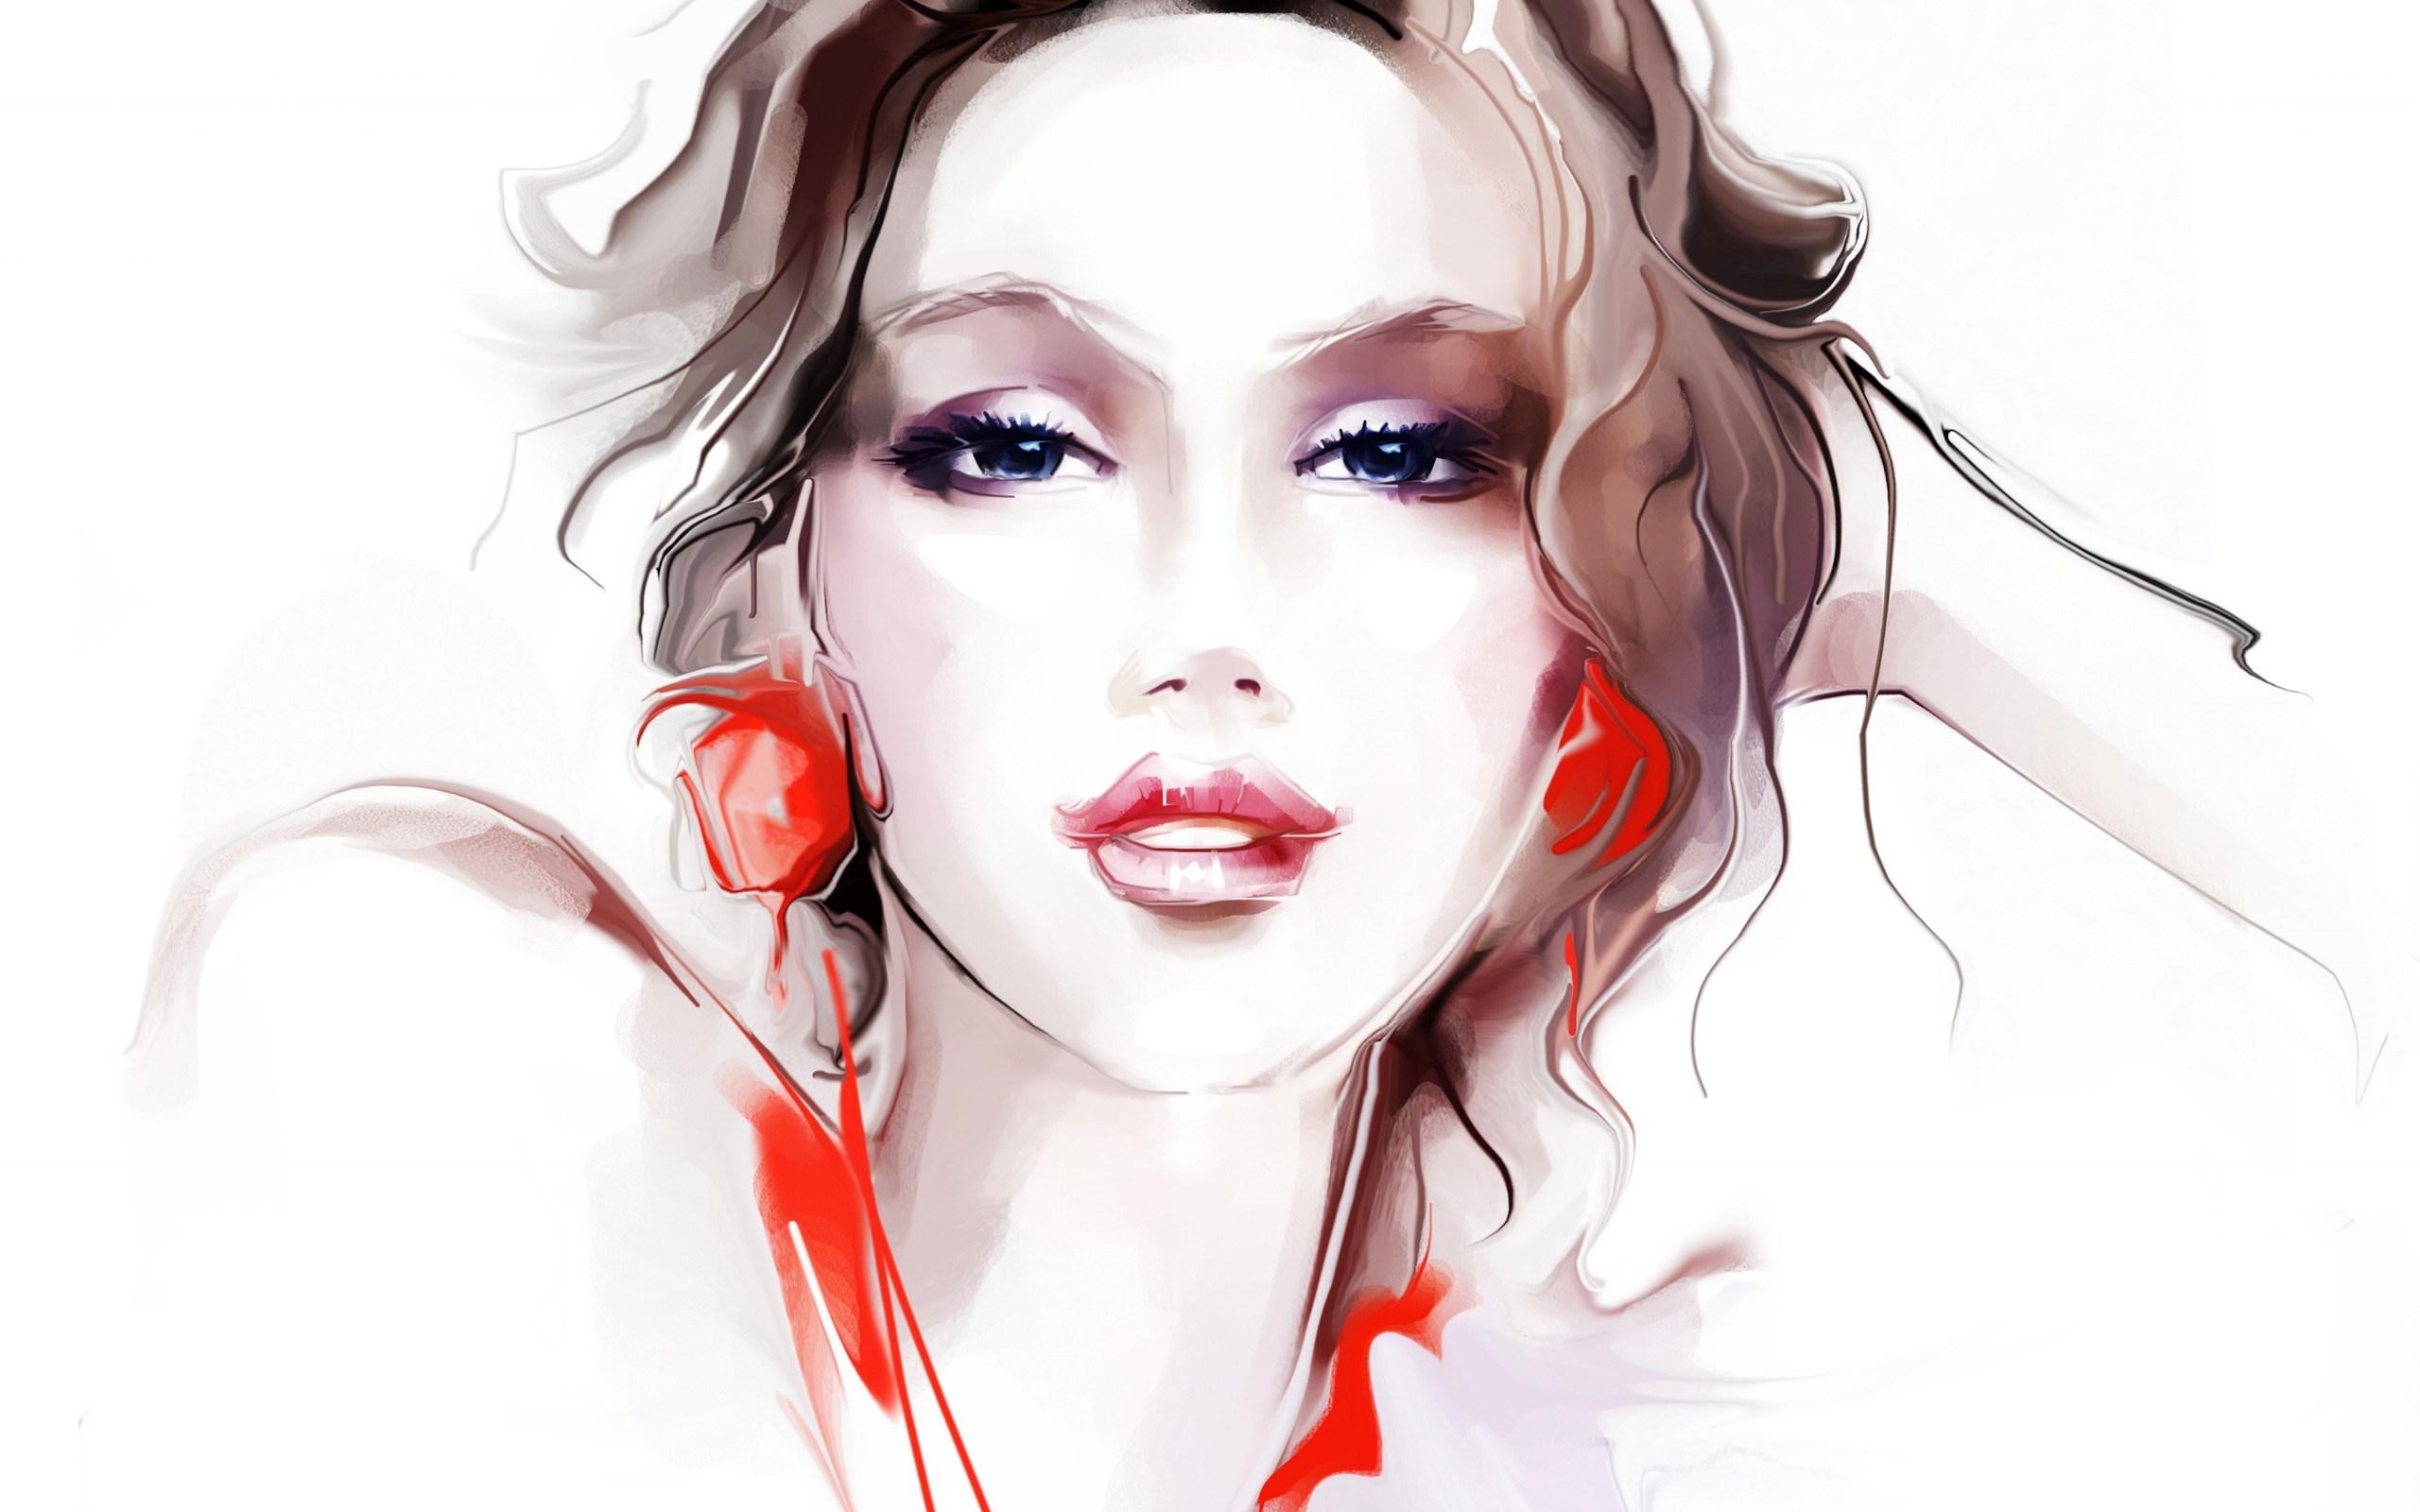 Art Girl Wallpaper